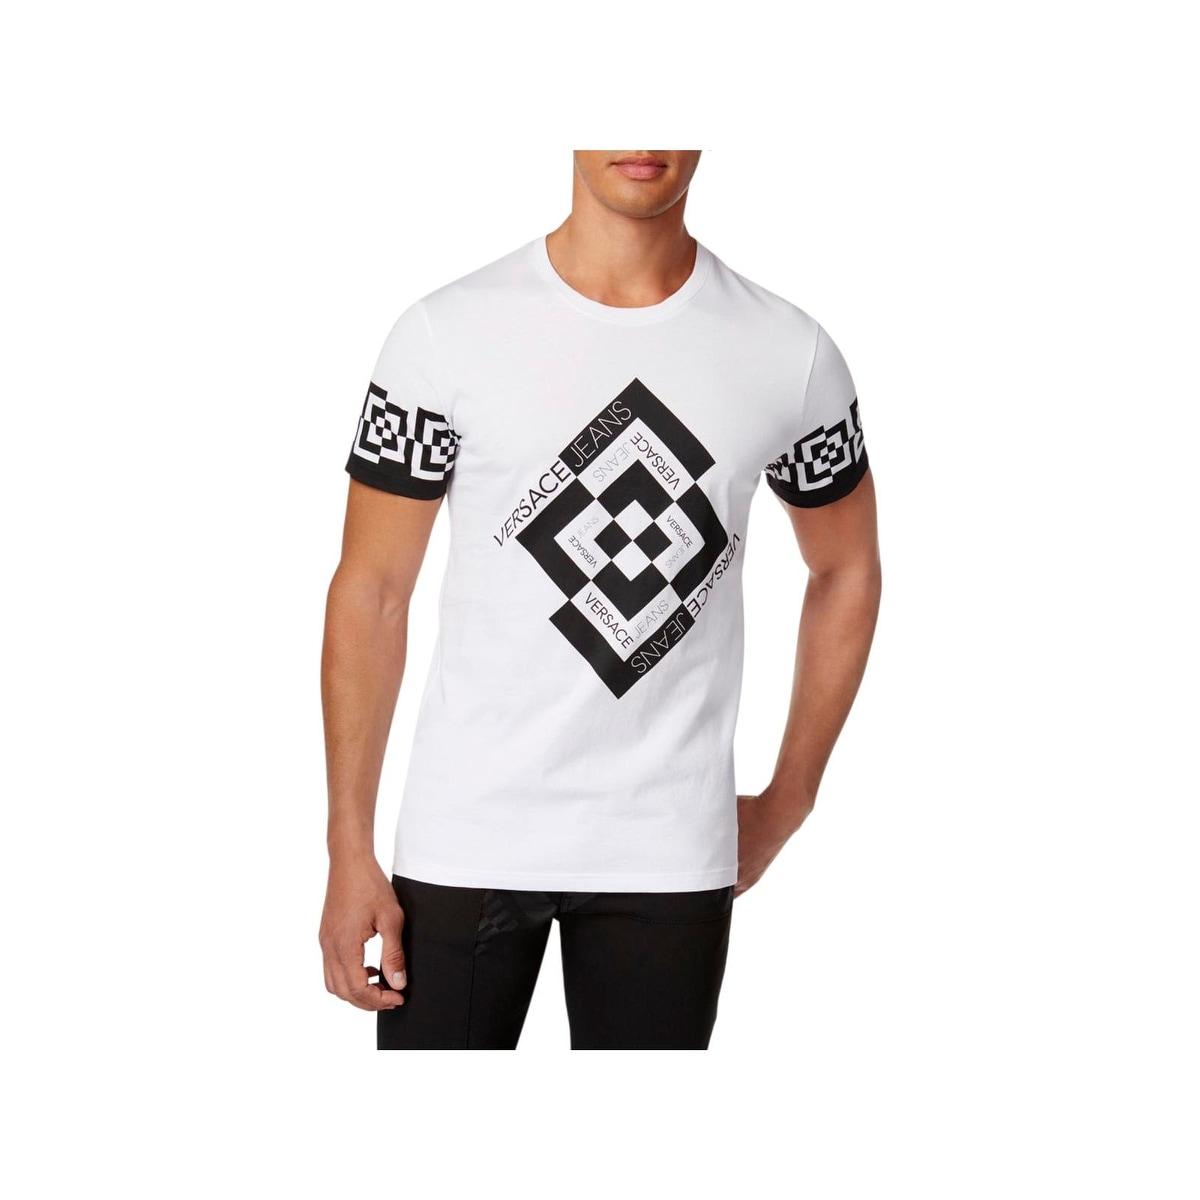 ba02d6ccdd Versace Jeans Mens T Shirt